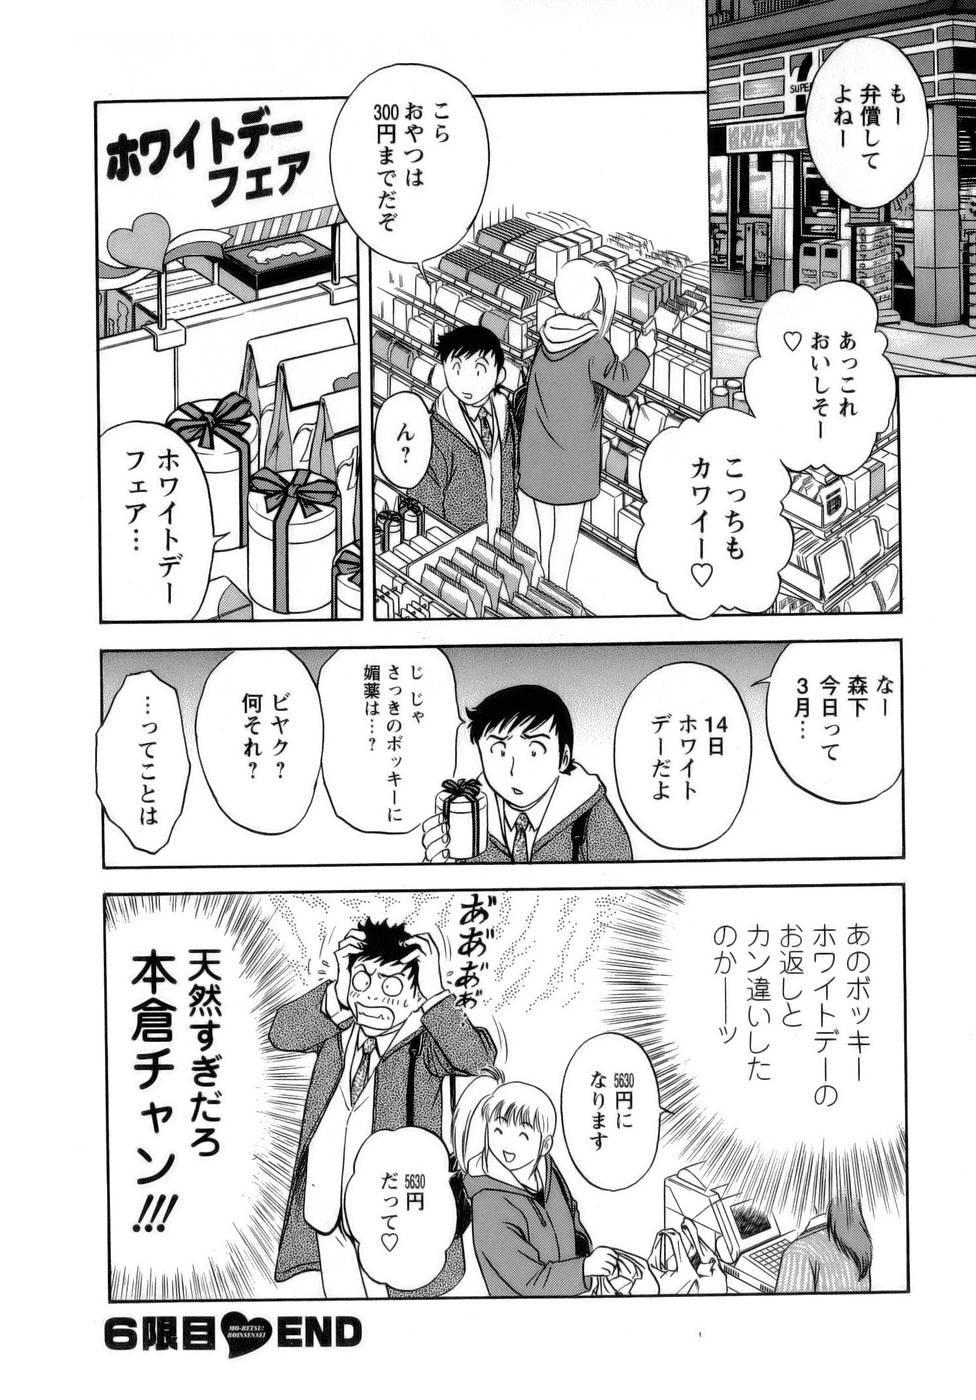 [Hidemaru] Mo-Retsu! Boin Sensei (Boing Boing Teacher) Vol.1 131